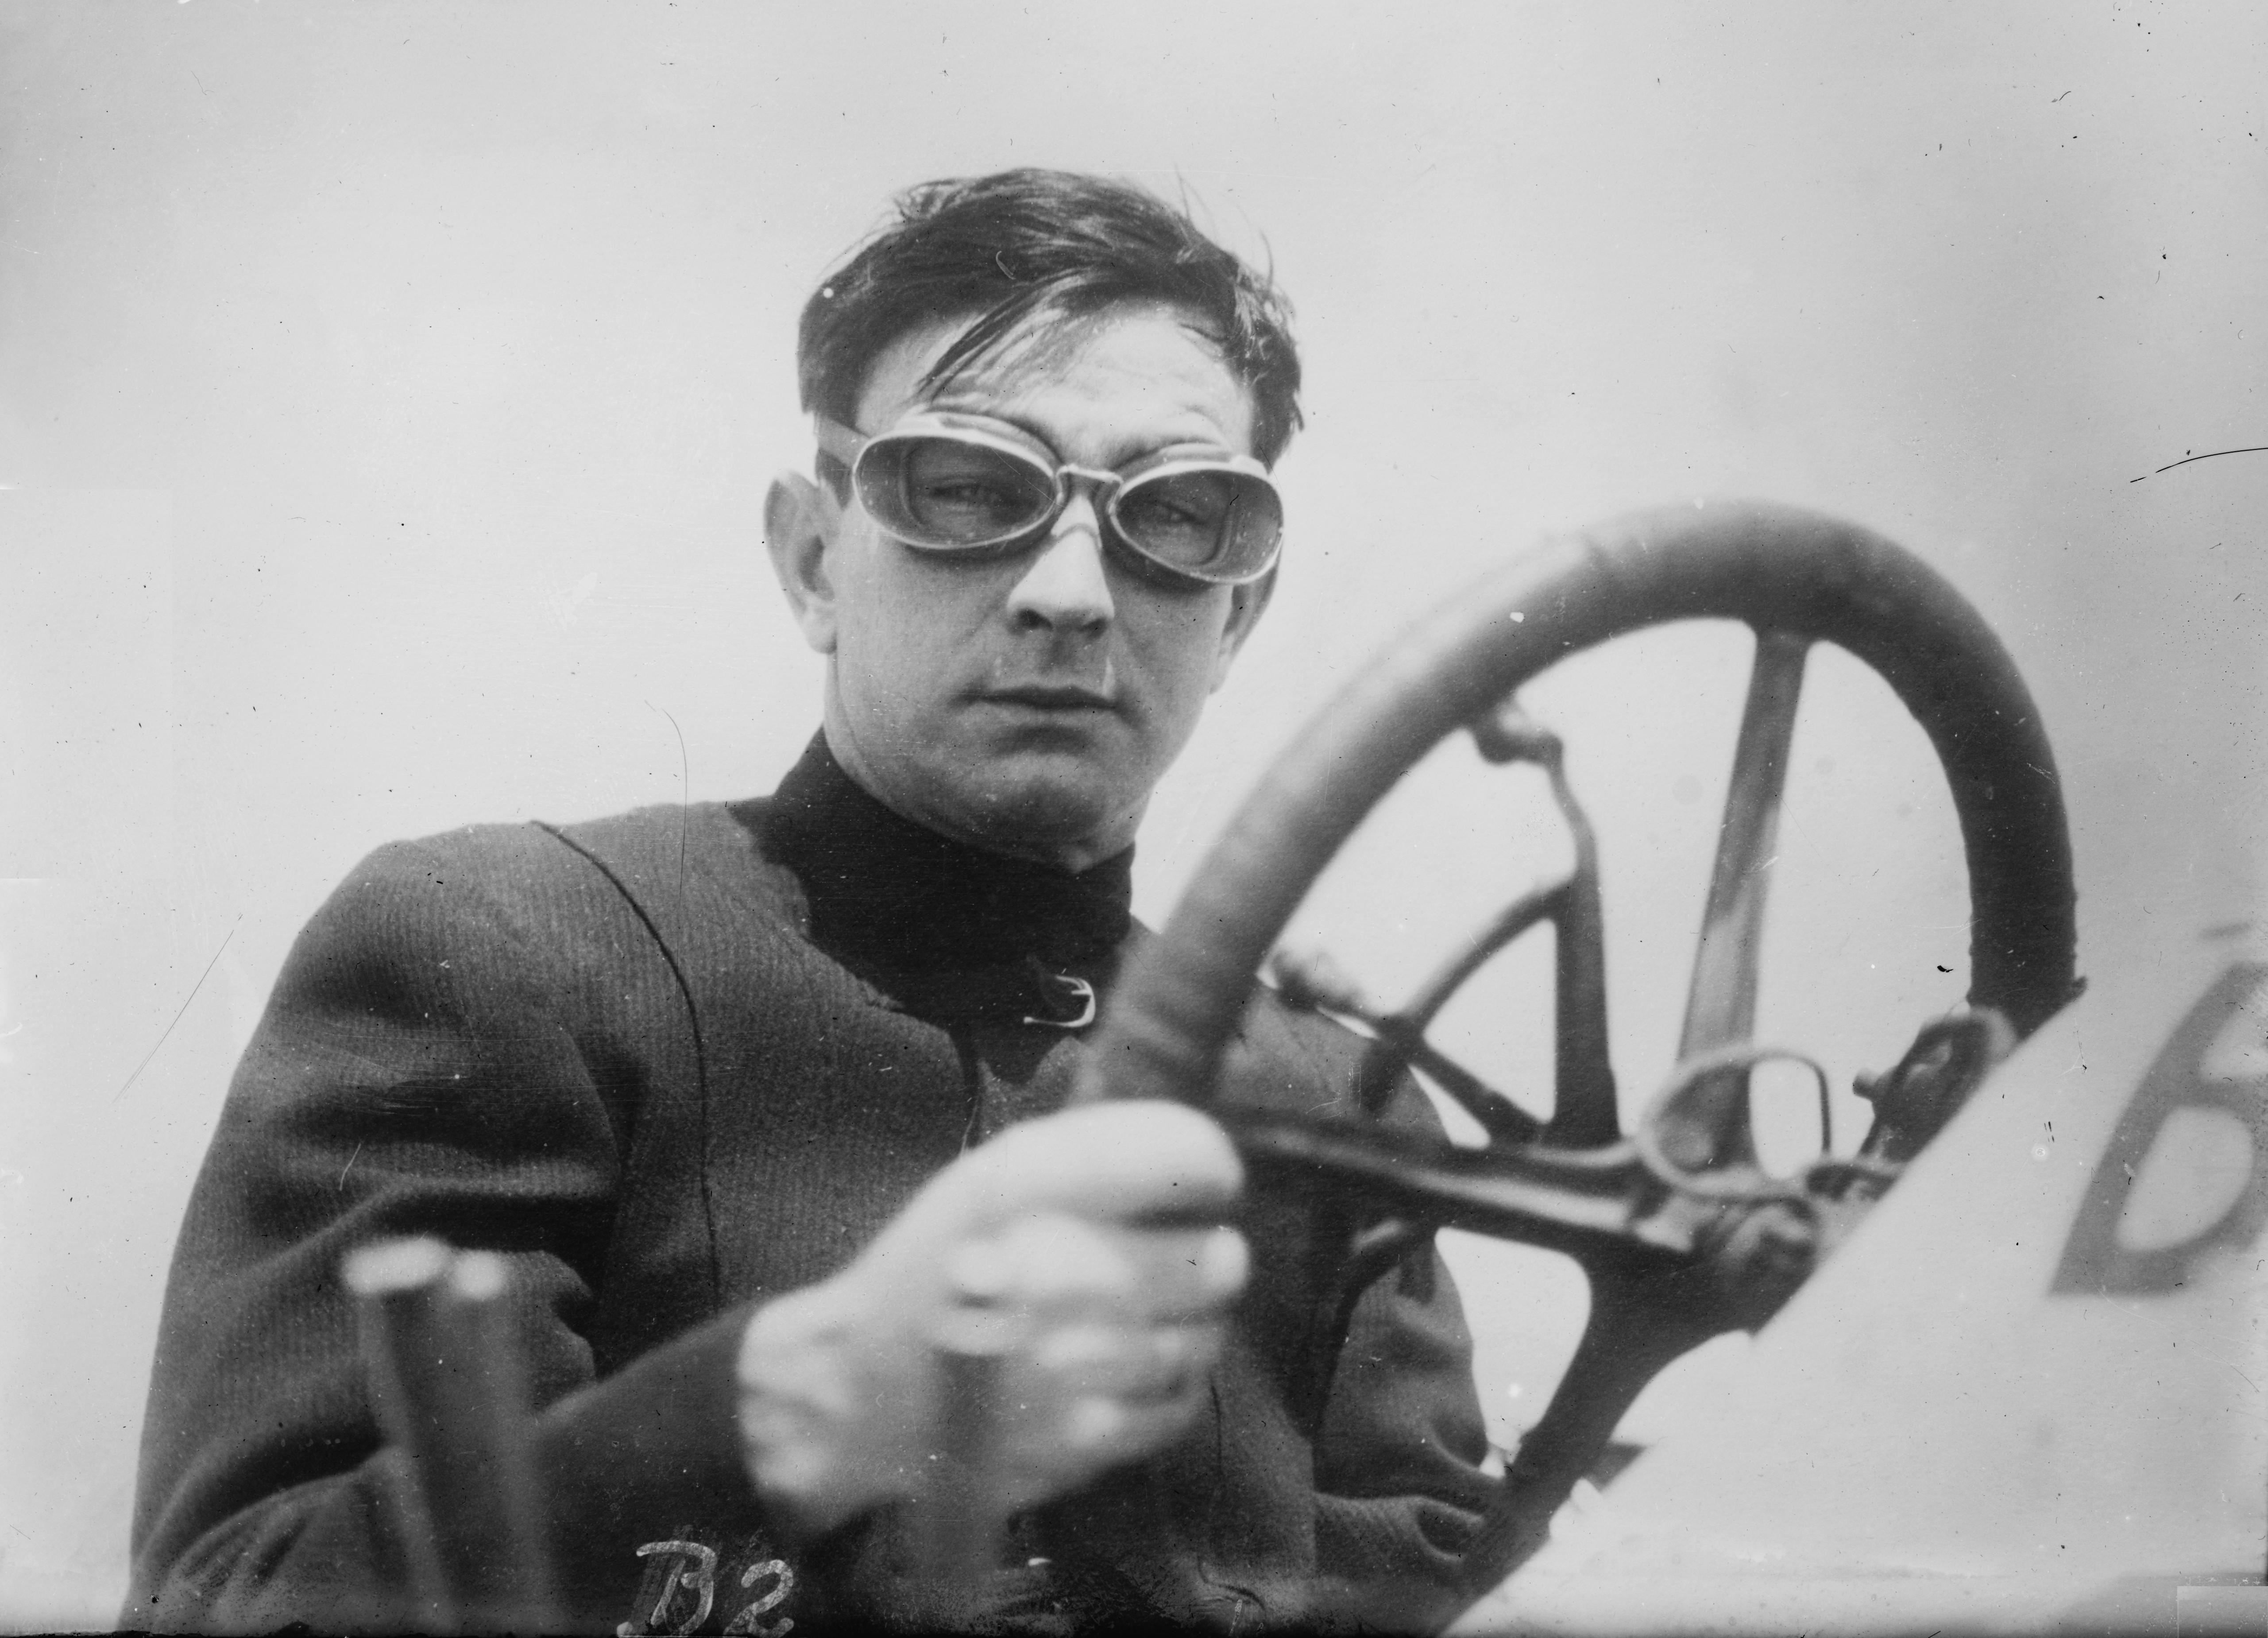 Race car driver Bob Burban in 1911